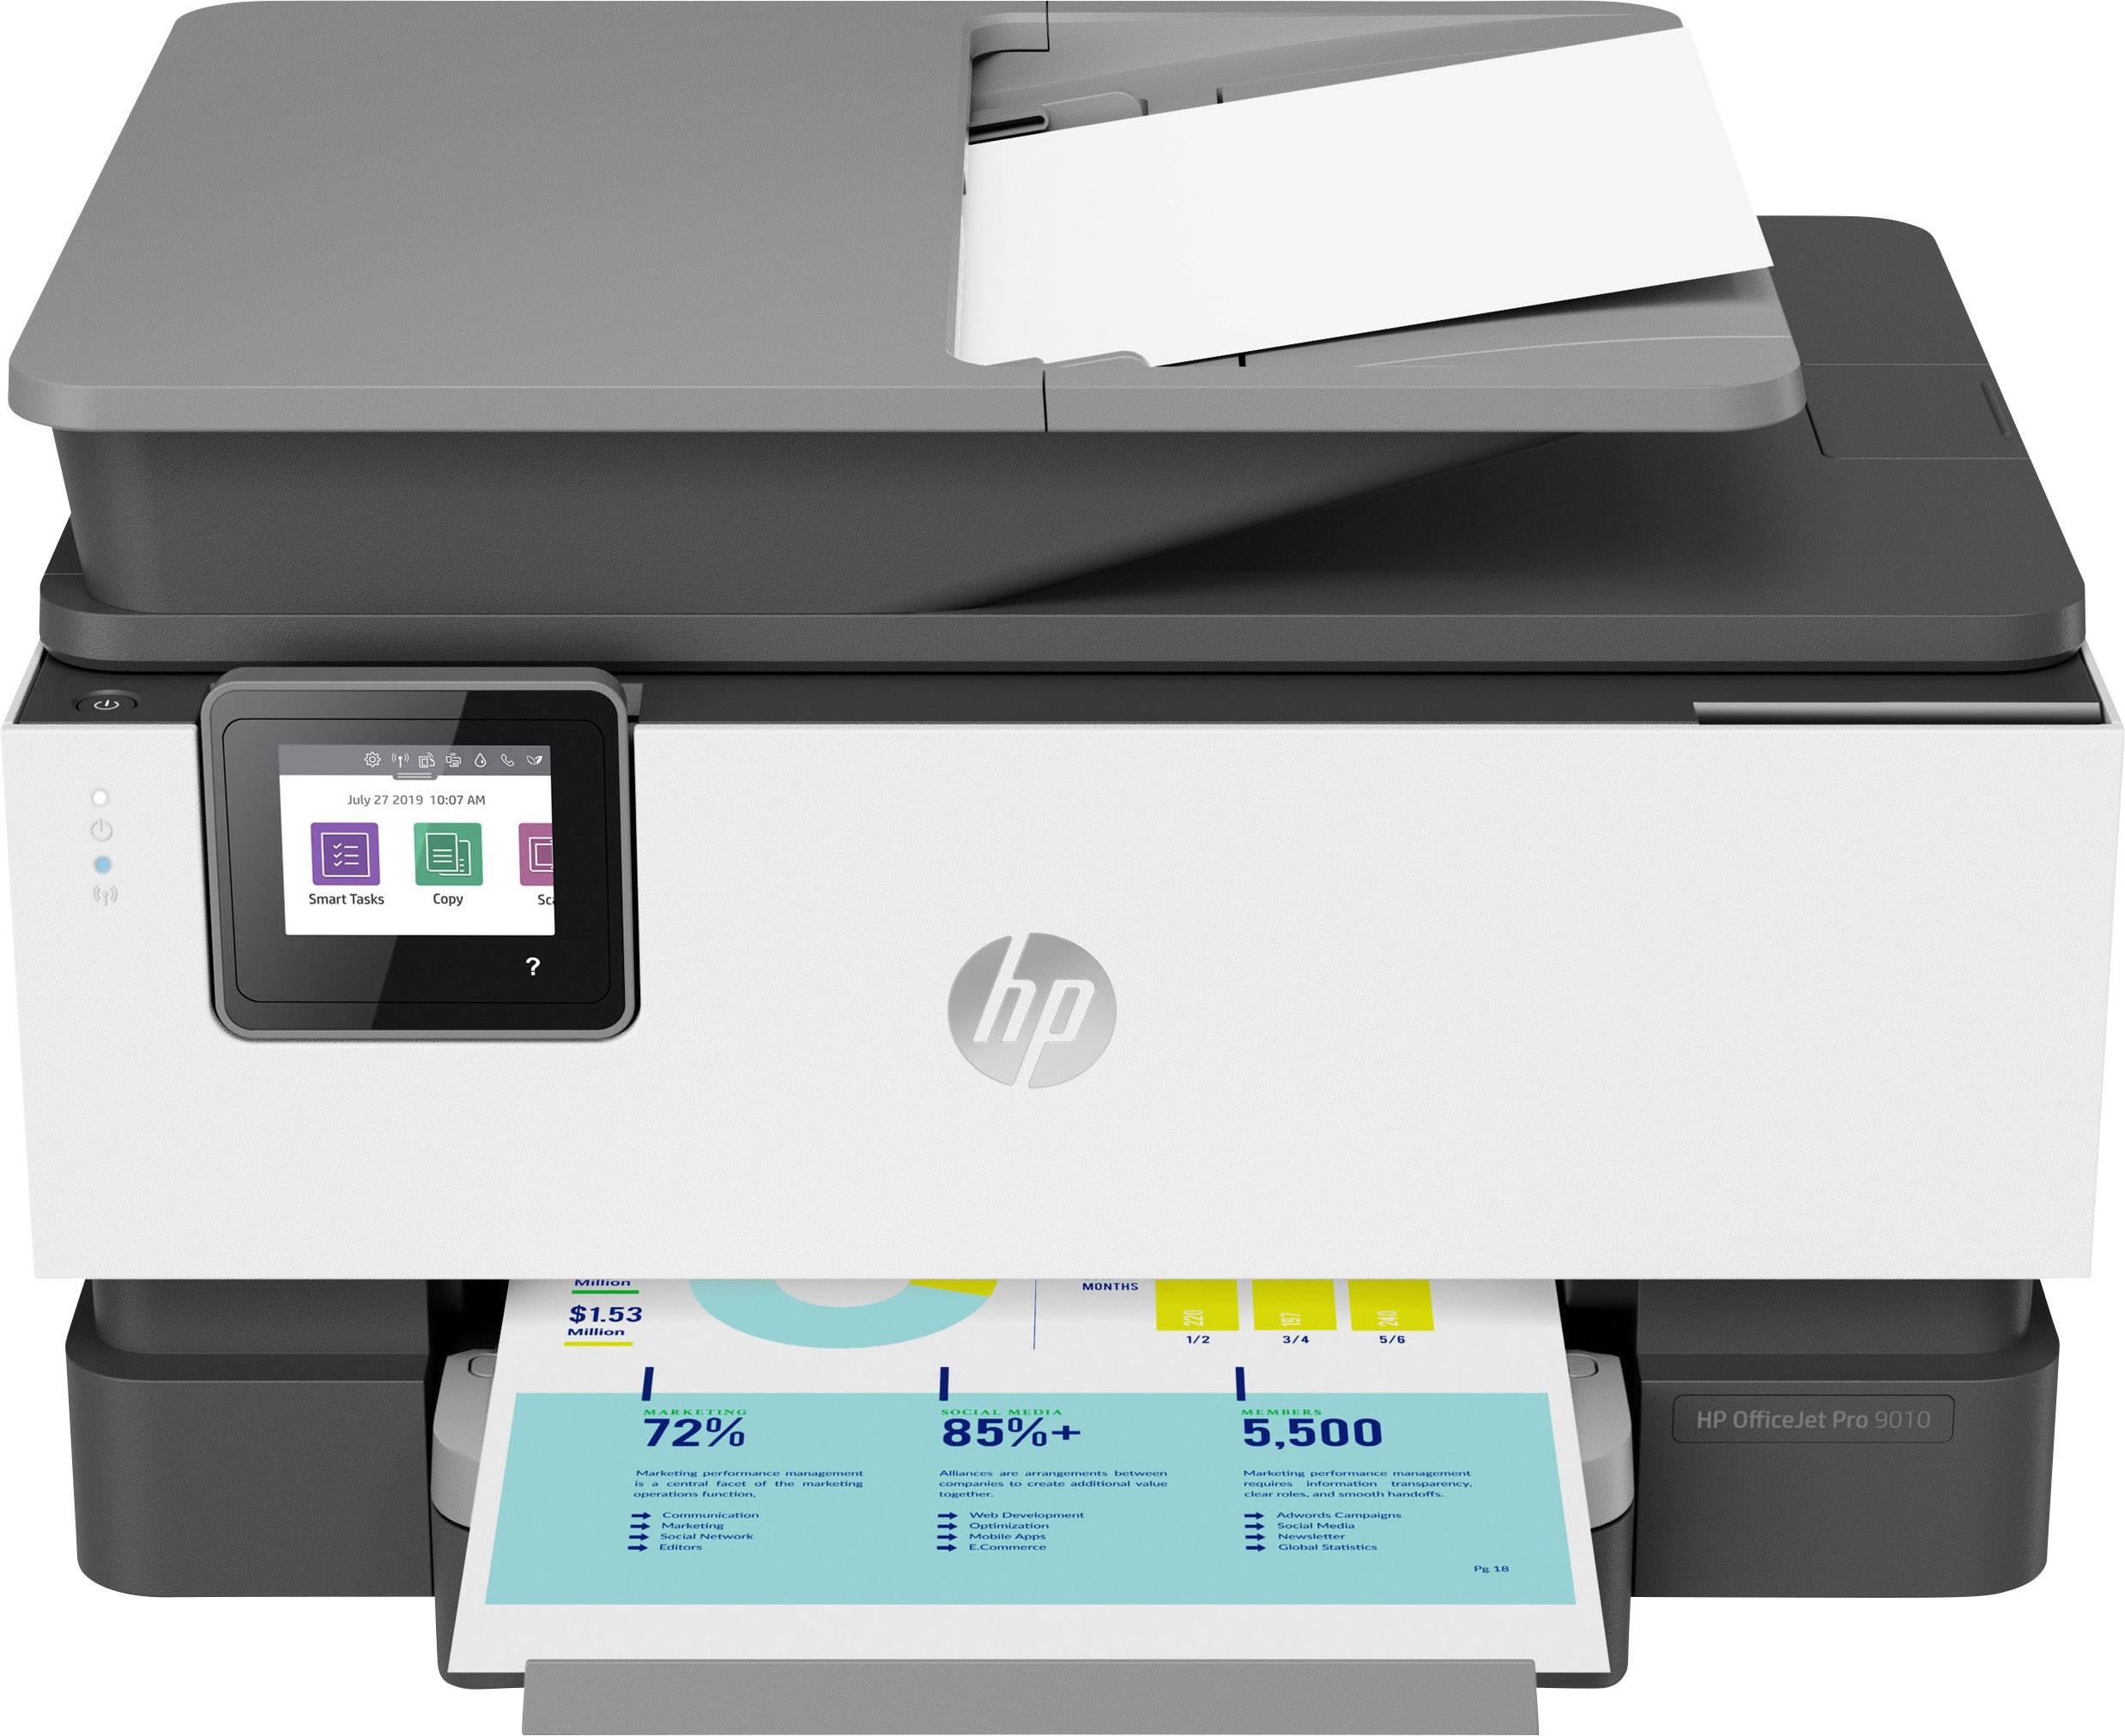 Hp Officejet Pro 9010 All In One Basalt Multifunctionele Inkjetprinter Printen Scannen Kopiëren Faxen Lan Wifi Dupl